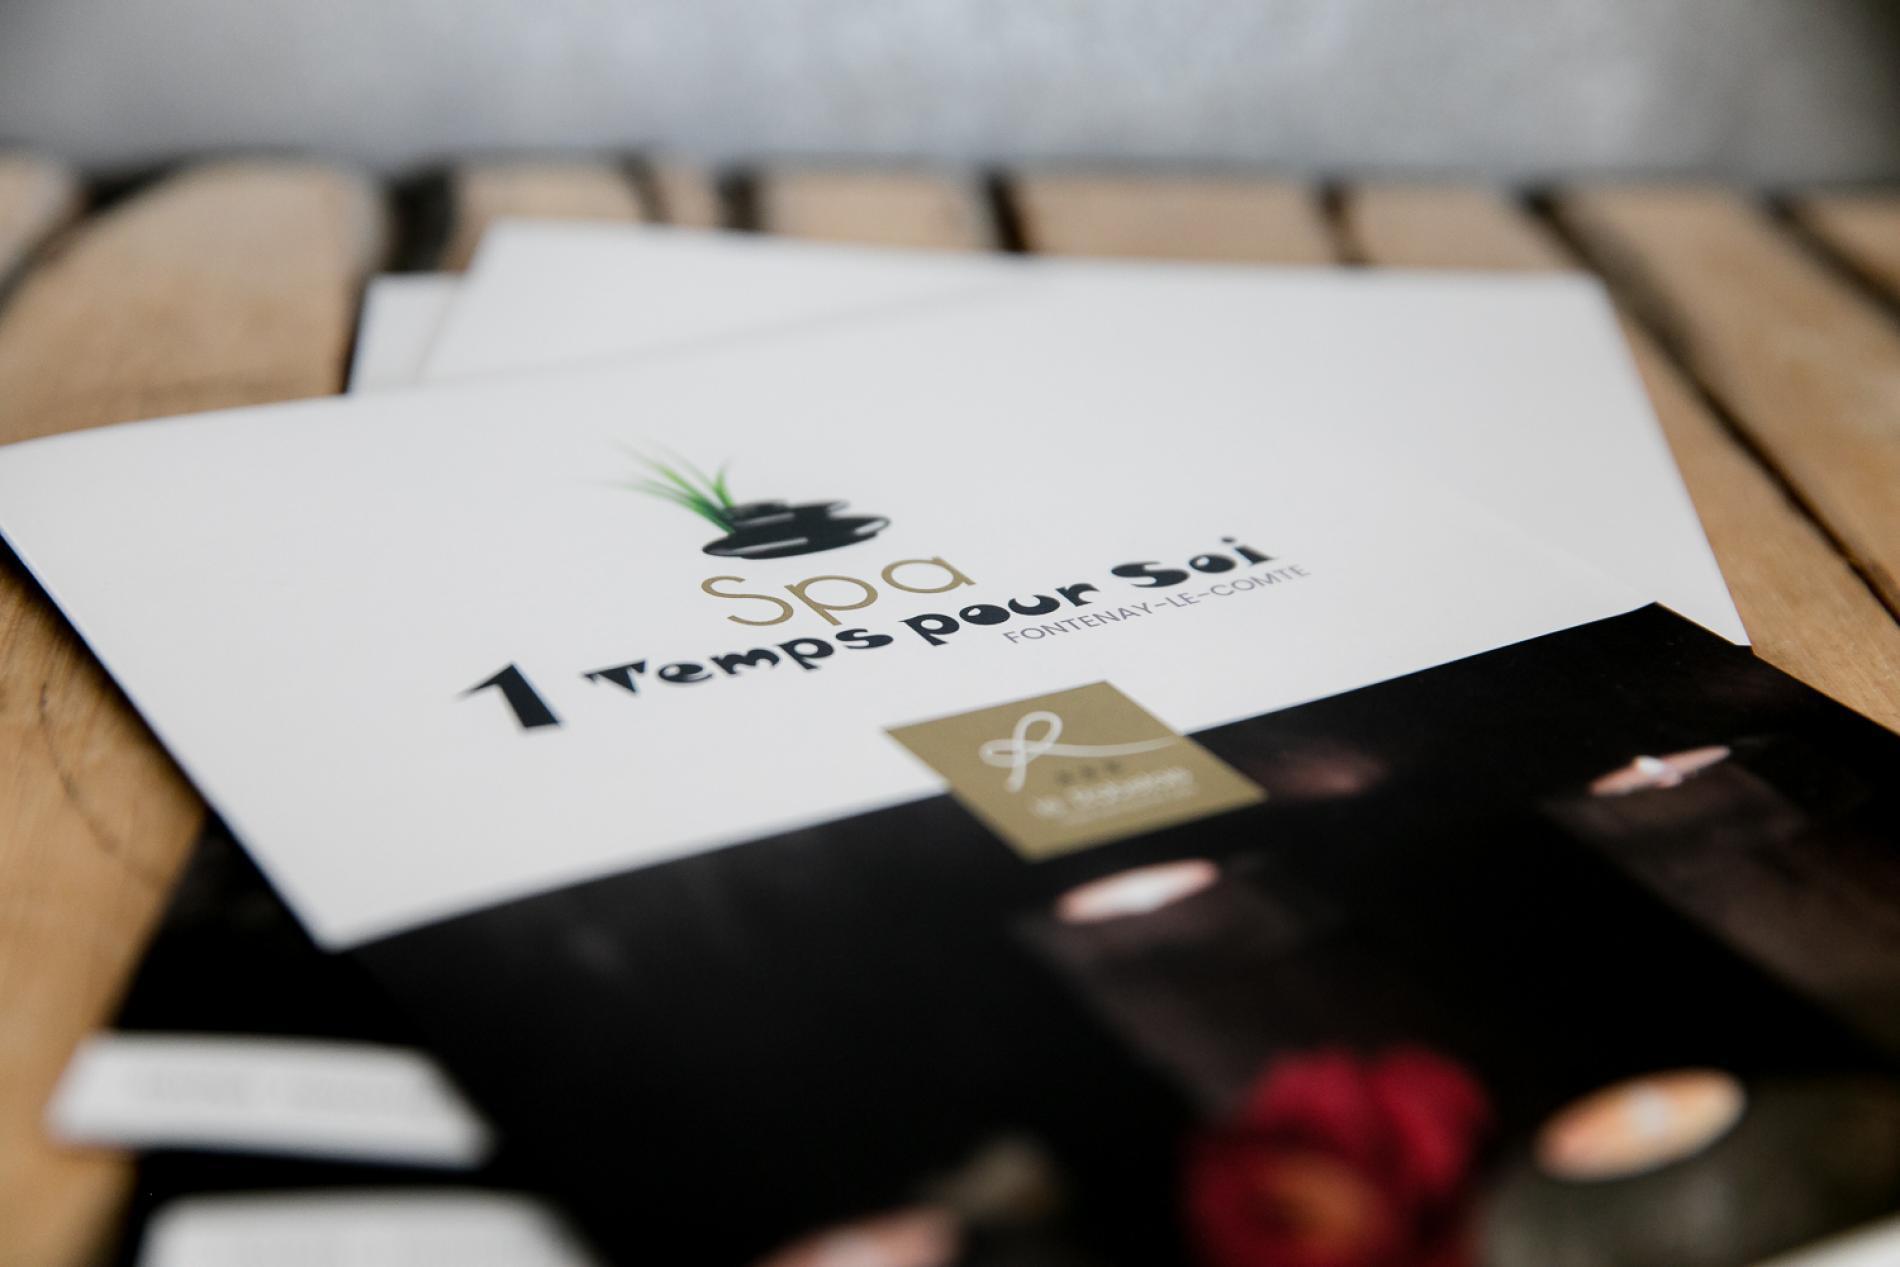 Brochure Spa 1 Temps pour Soi